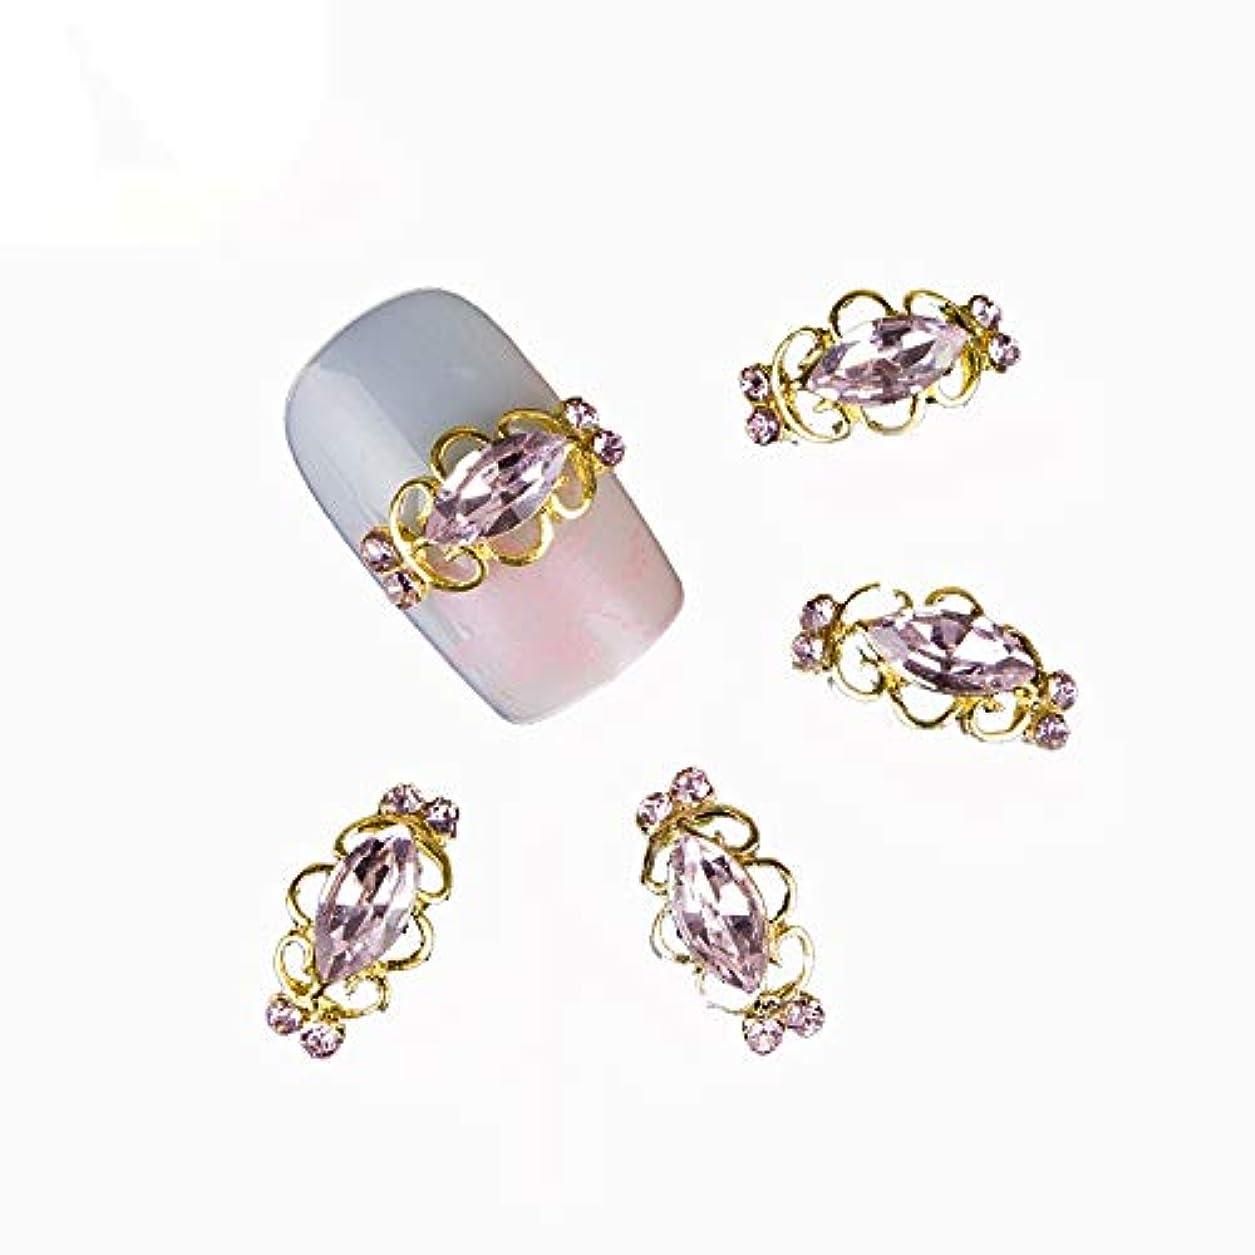 ペインガジュマルレイアウト10個入り/ロット3Dネイルラインストーンの装飾紫色の宝石DIYネイル合金ジュエリーネイルアートネイルスタッドツールのヒント